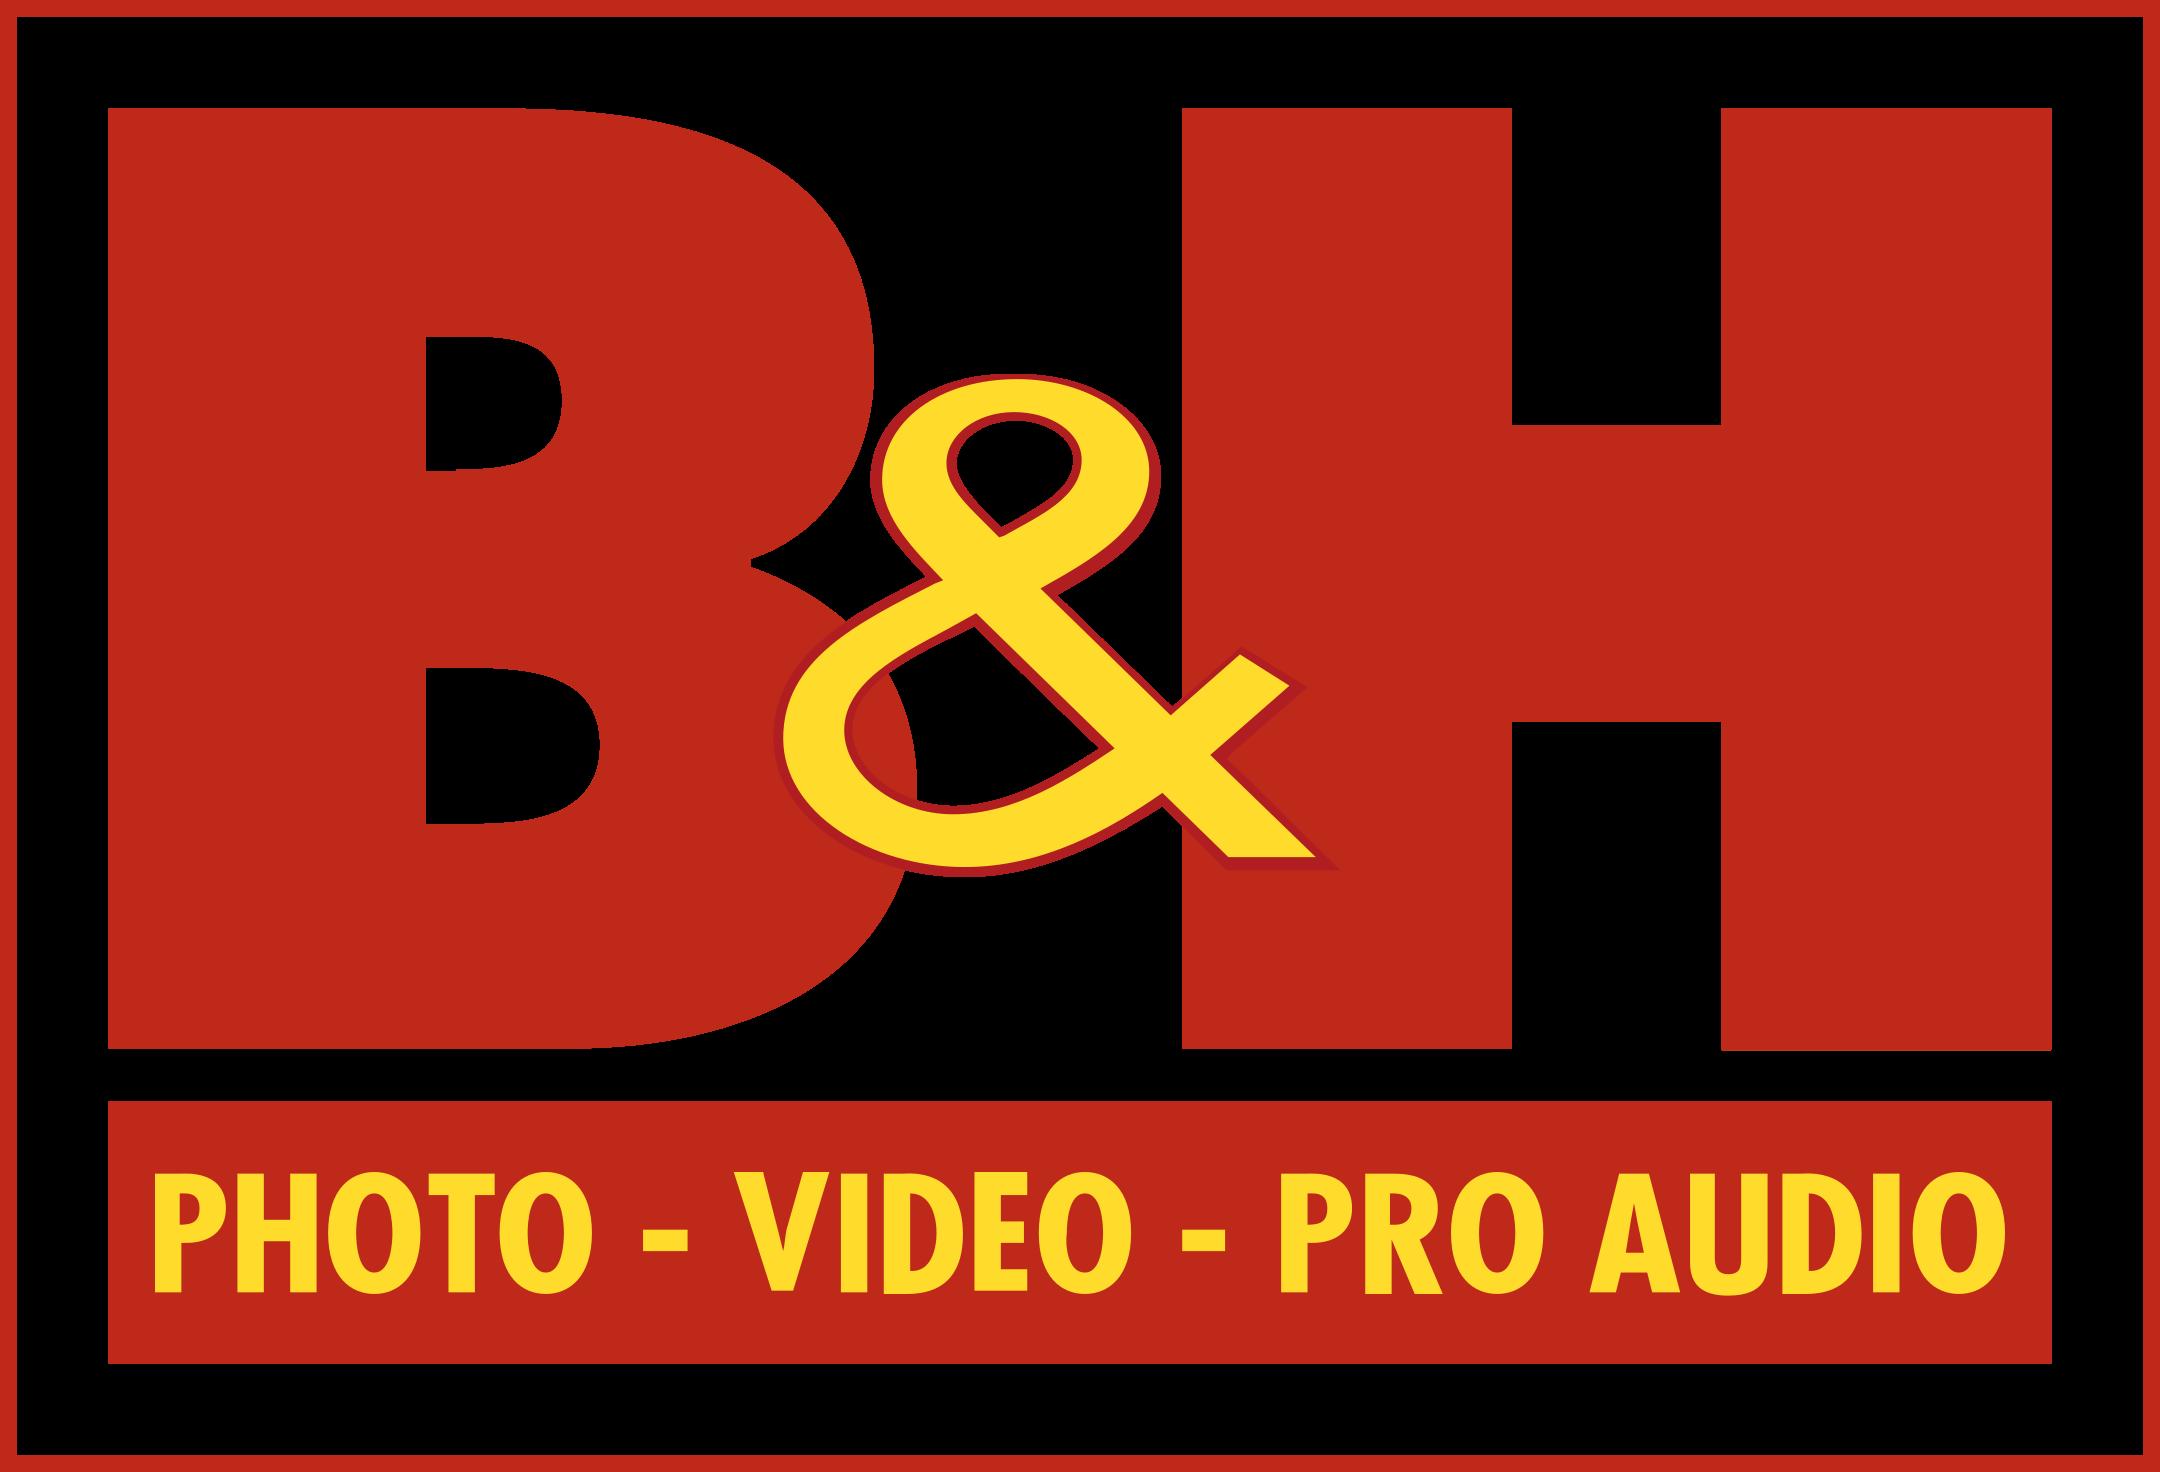 bh logo 1 - B&H Logo